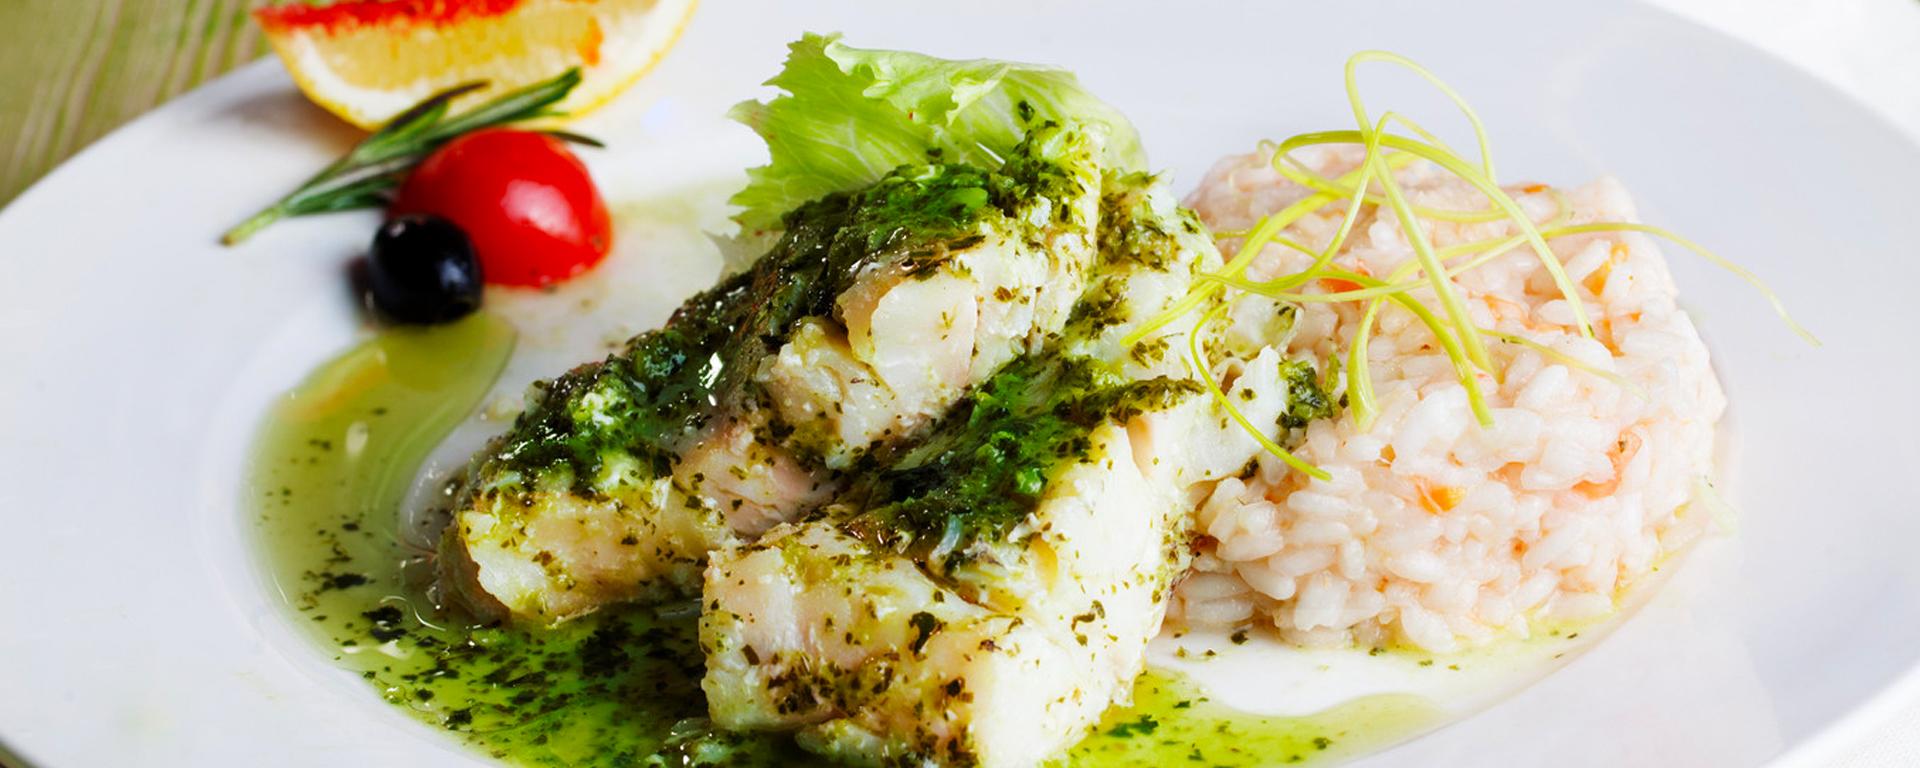 Photo for - Tilapia au pesto